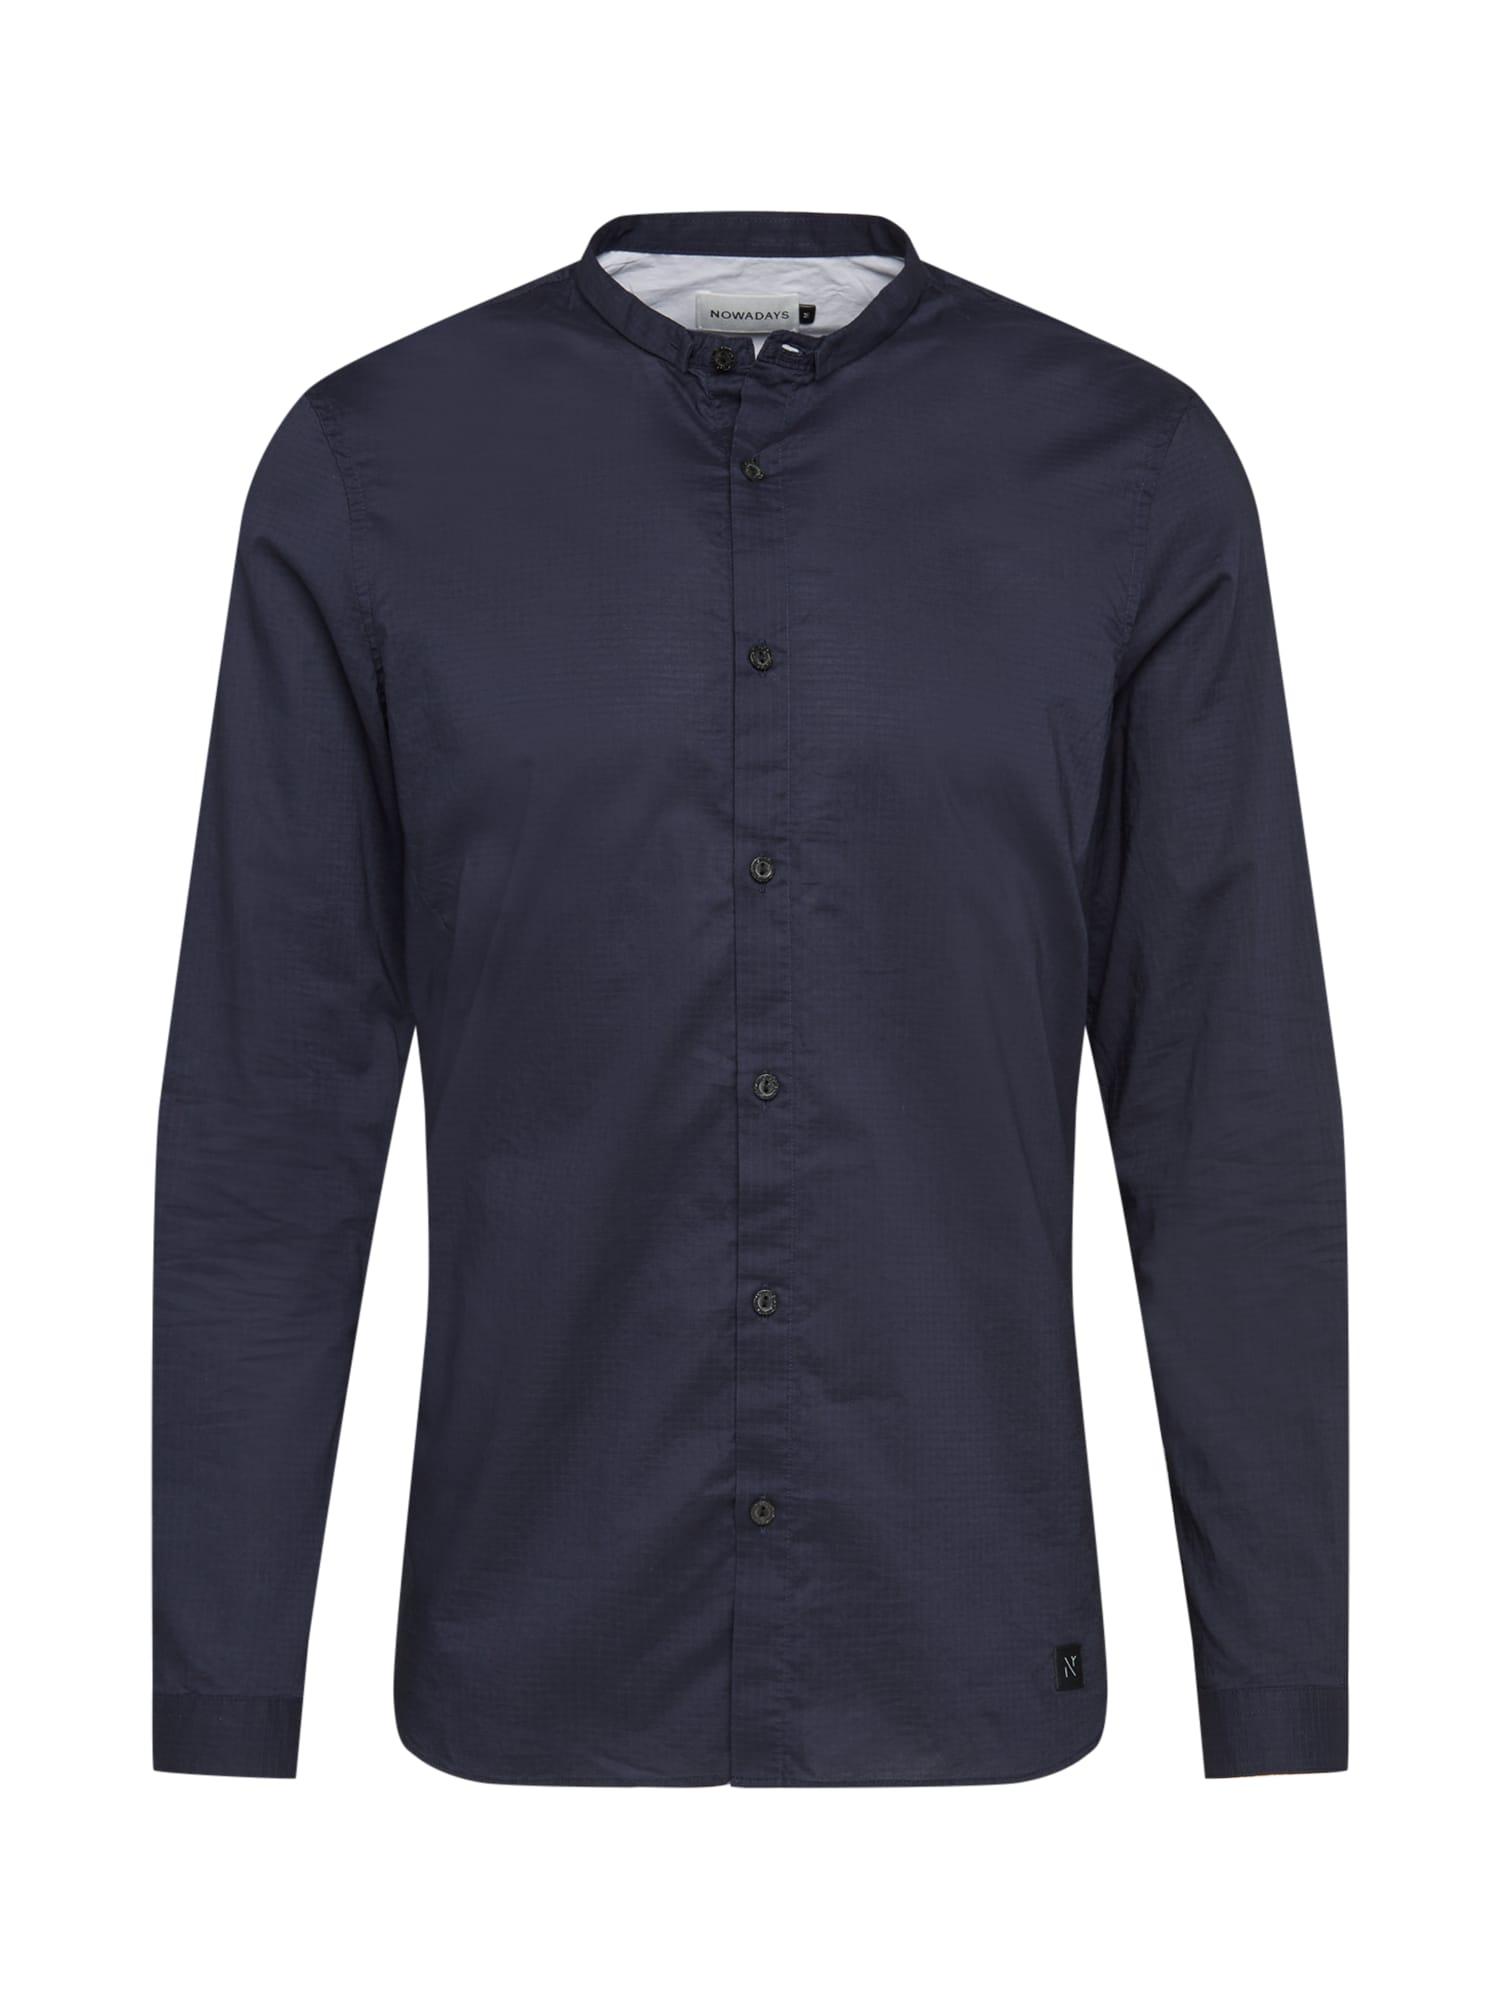 NOWADAYS Marškiniai tamsiai mėlyna